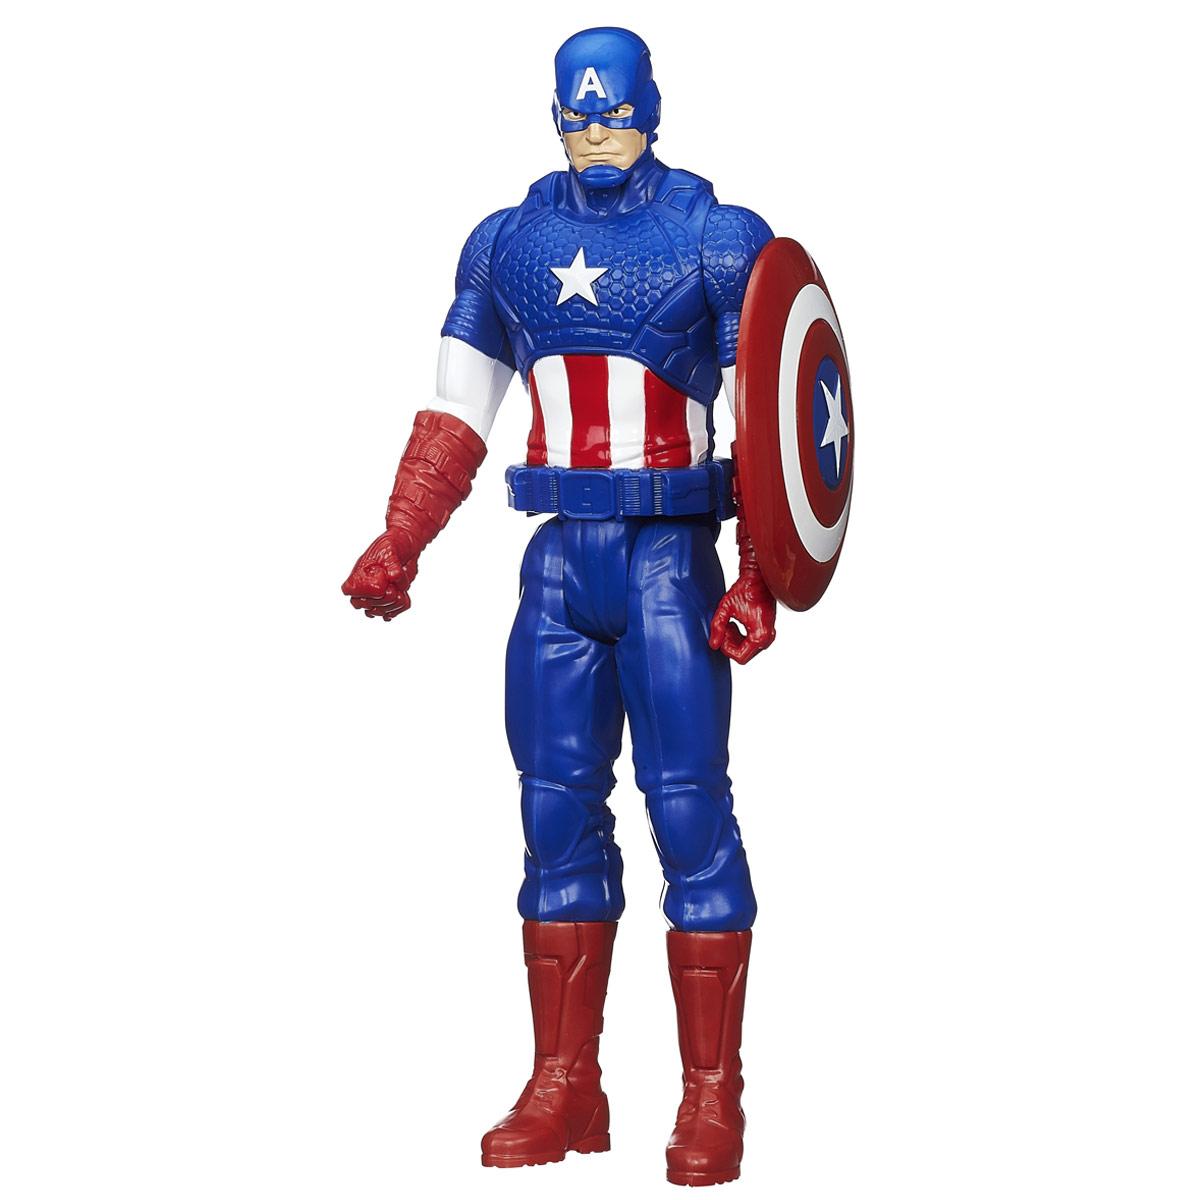 Фигурка Avengers Титаны: Капитан Америка, 29 смB0434EU4_B1669Фигурка Avengers Титаны: Капитан Америка порадует любого маленького поклонника знаменитой серии Мстители (Avengers). Фигурка изготовлена из высококачественного прочного пластика и выполнена в виде супергероя Капитана Америки. Фигурка имеет 5 точек артикуляции - голова, руки, кисти и ноги подвижны. В комплект также входит оружие героя - его верный щит. Капитан Америка - альтер эго Стива Роджерса, болезненного юноши, который был усилен экспериментальной сывороткой до максимума физической формы, доступной человеку, дабы помочь военным операциям США. Капитан Америка одет в костюм, раскрашенный на мотив американского флага, и вооружён неразрушимым щитом, который можно использовать в качестве оружия. Фигурка понравится как детям, так и взрослым коллекционерам, она станет отличным сувениром или займет достойное место в коллекции любого поклонника комиксов о непобедимых Мстителях.